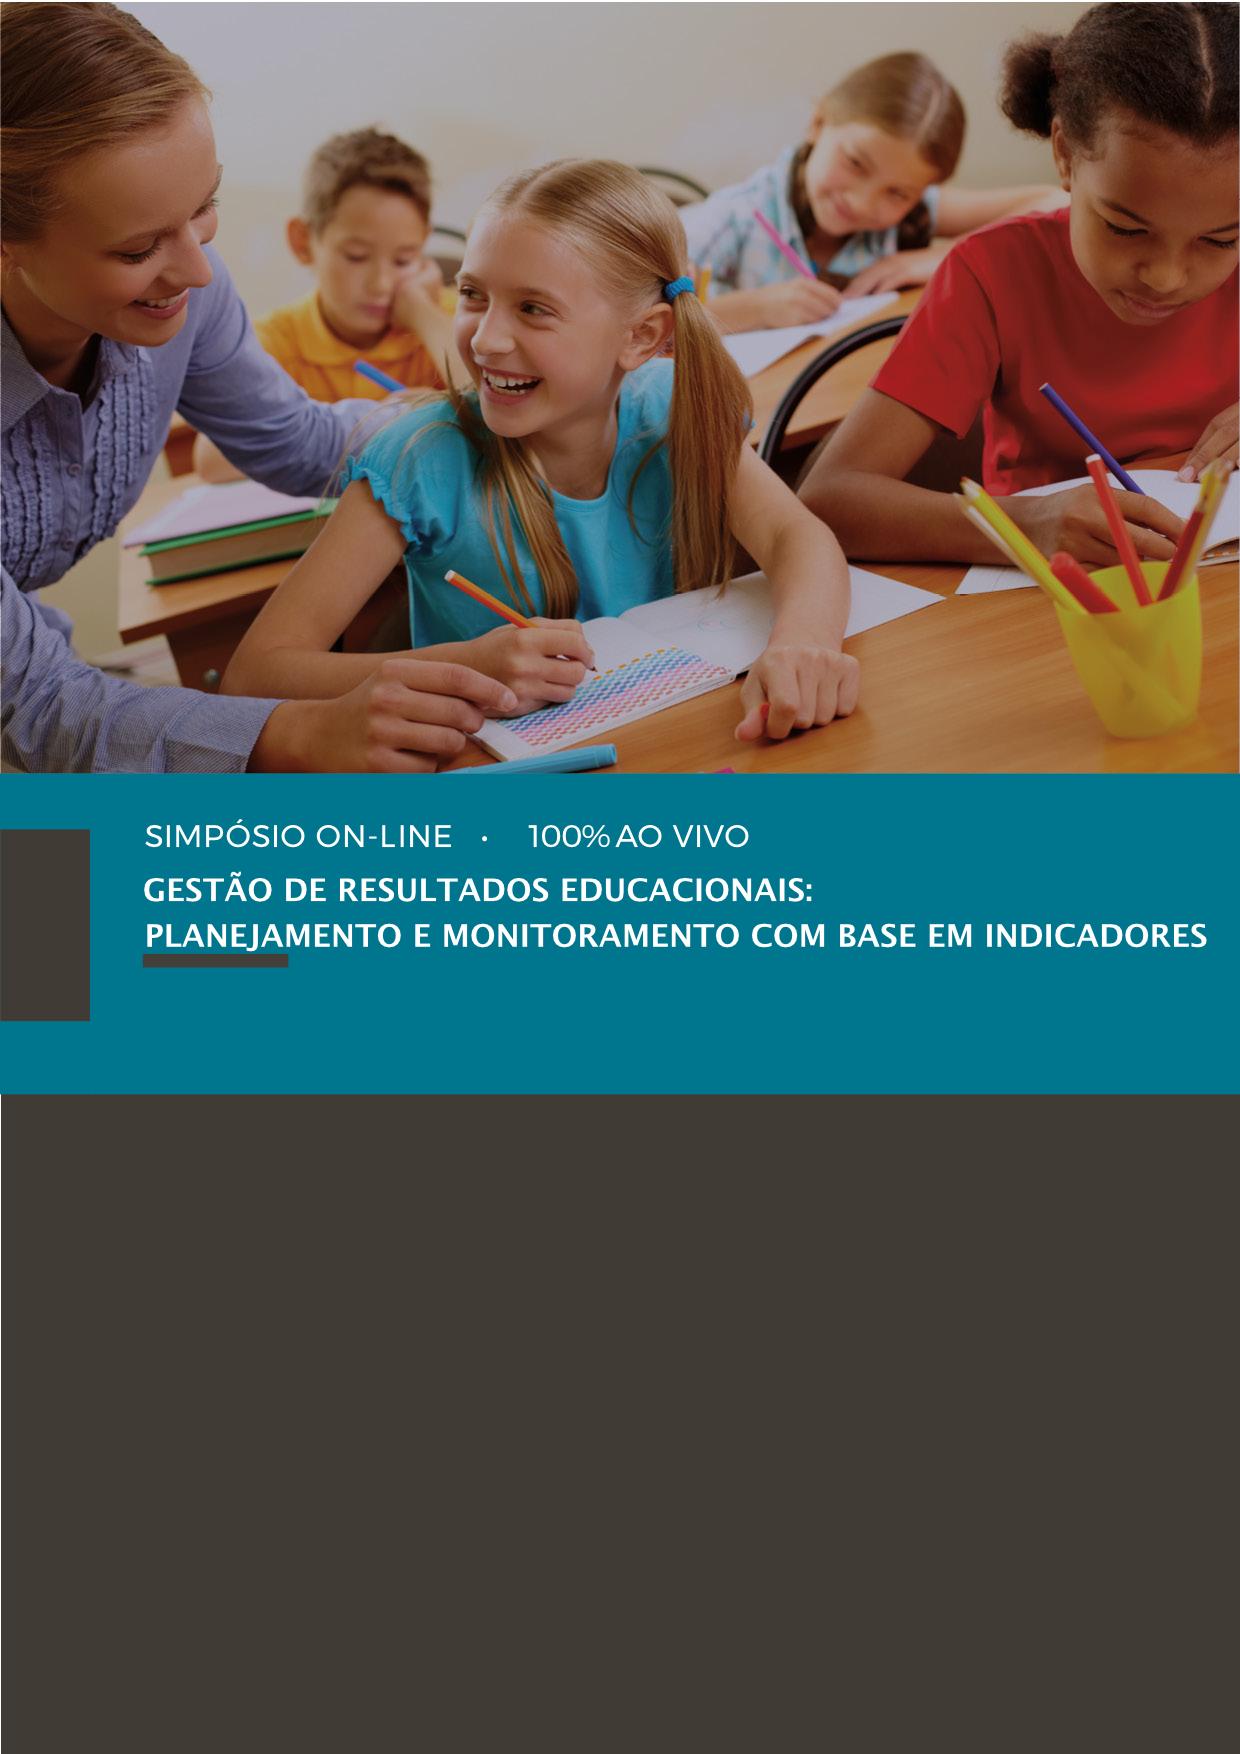 GESTÃO DE RESULTADOS EDUCACIONAIS: PLANEJAMENTO E MONITORAMENTO COM BASE EM INDICADORES 4ª EDIÇÃO